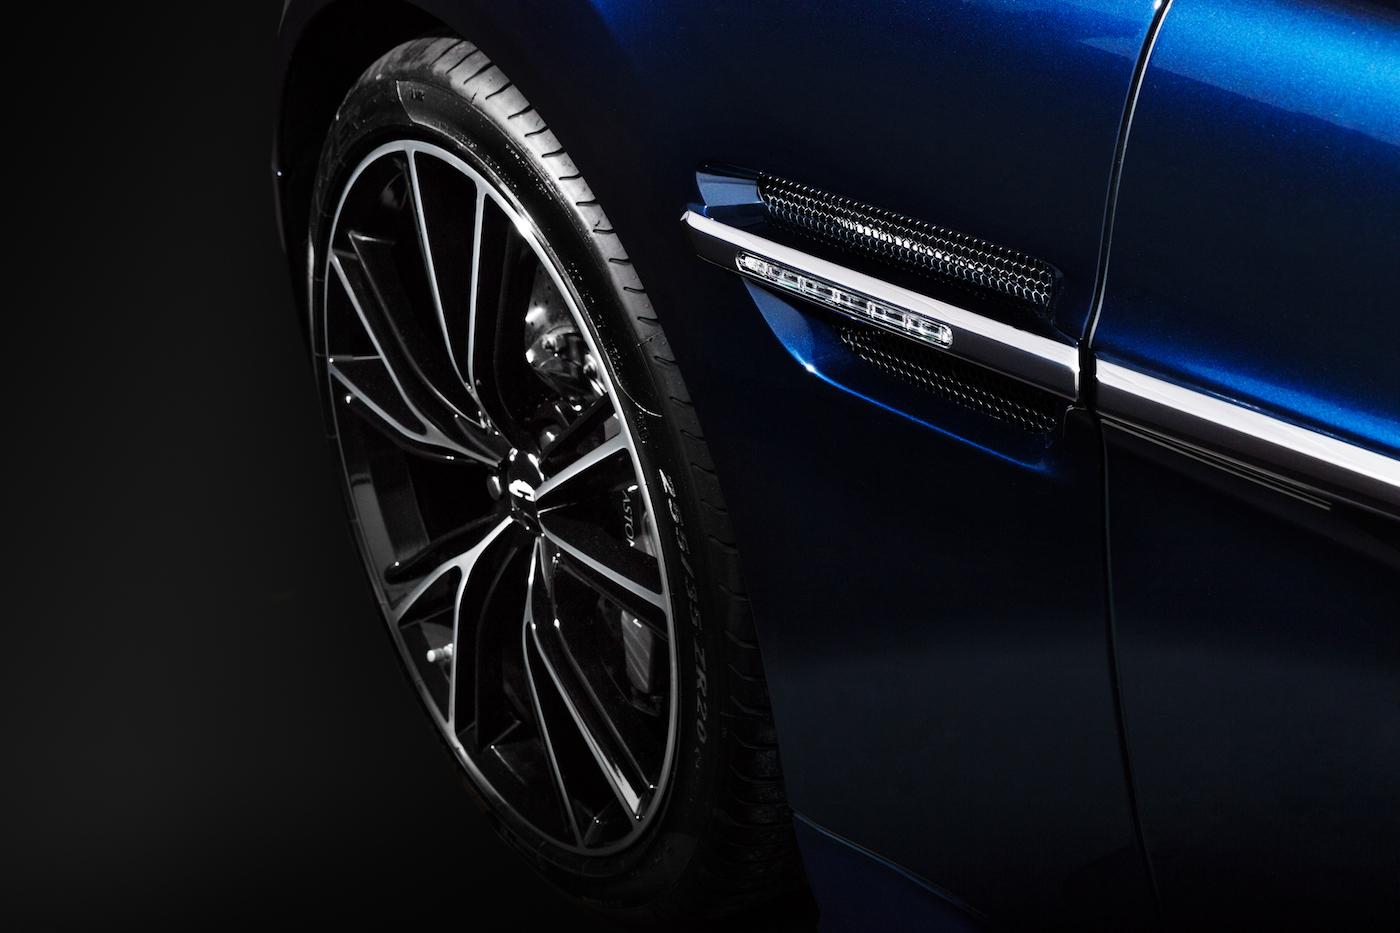 007: Daniel Craig's Aston Martin Vanquish wird in New York versteigert 3